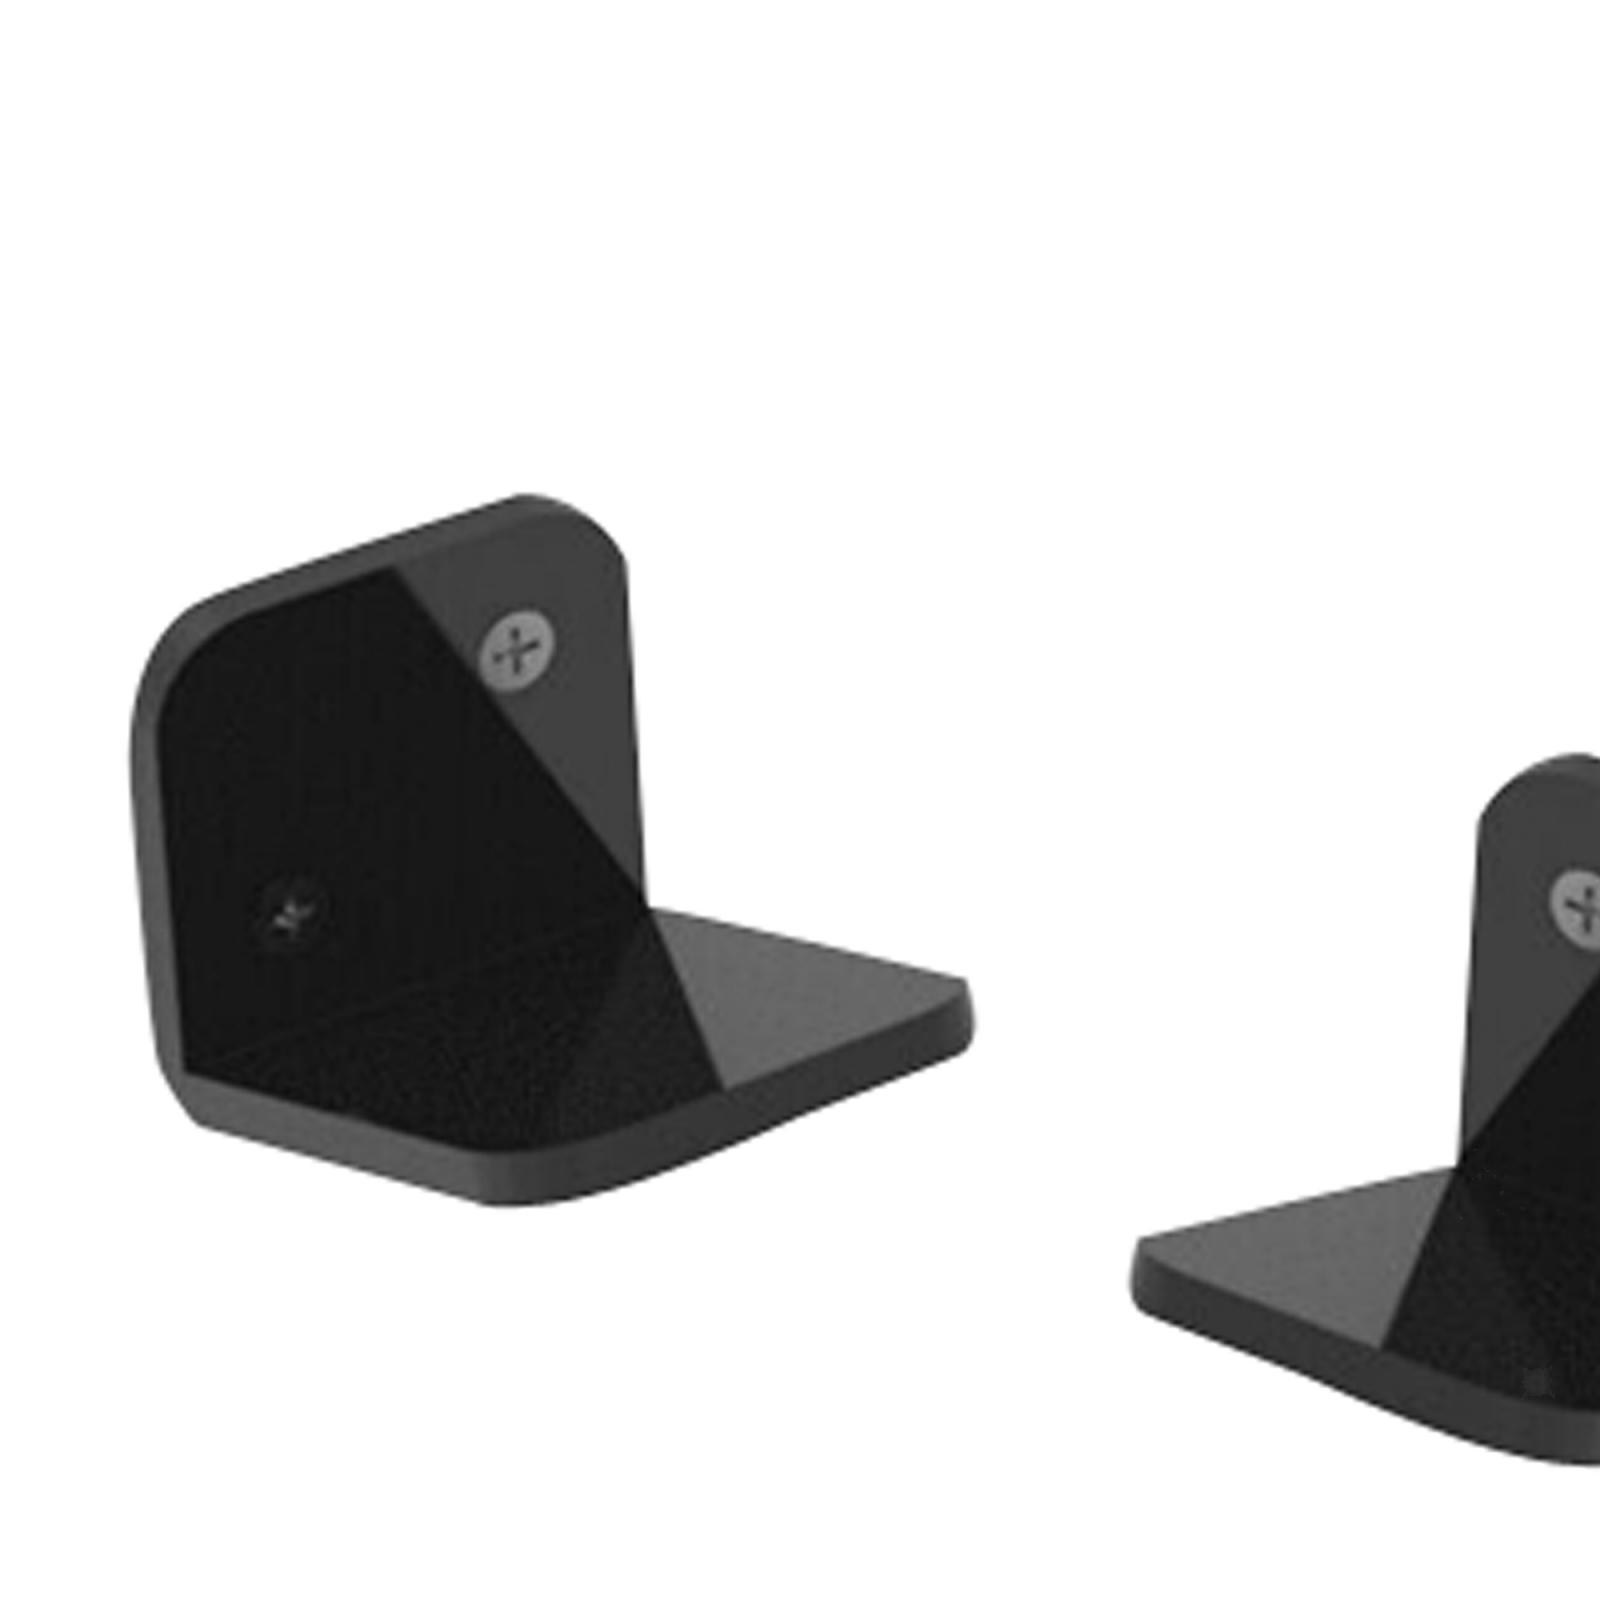 Espositore-appendiabiti-per-montaggio-a-parete-per-Skateboard-in-acrilico miniatura 22